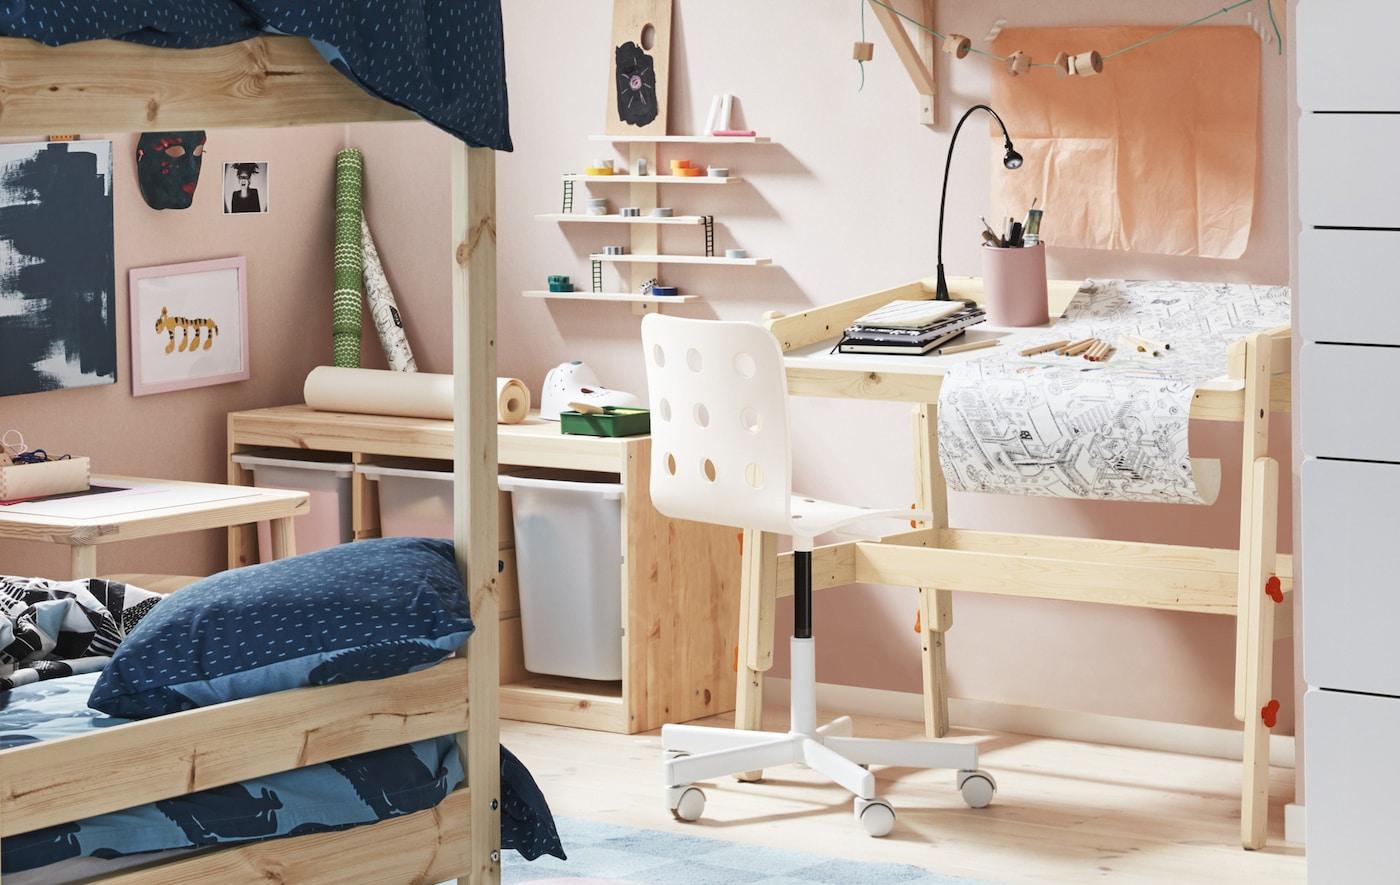 Une chambre d'enfant décorée/peinte en rose pâle avec des meubles en bois clair comprenant un bureau et des lits superposés.